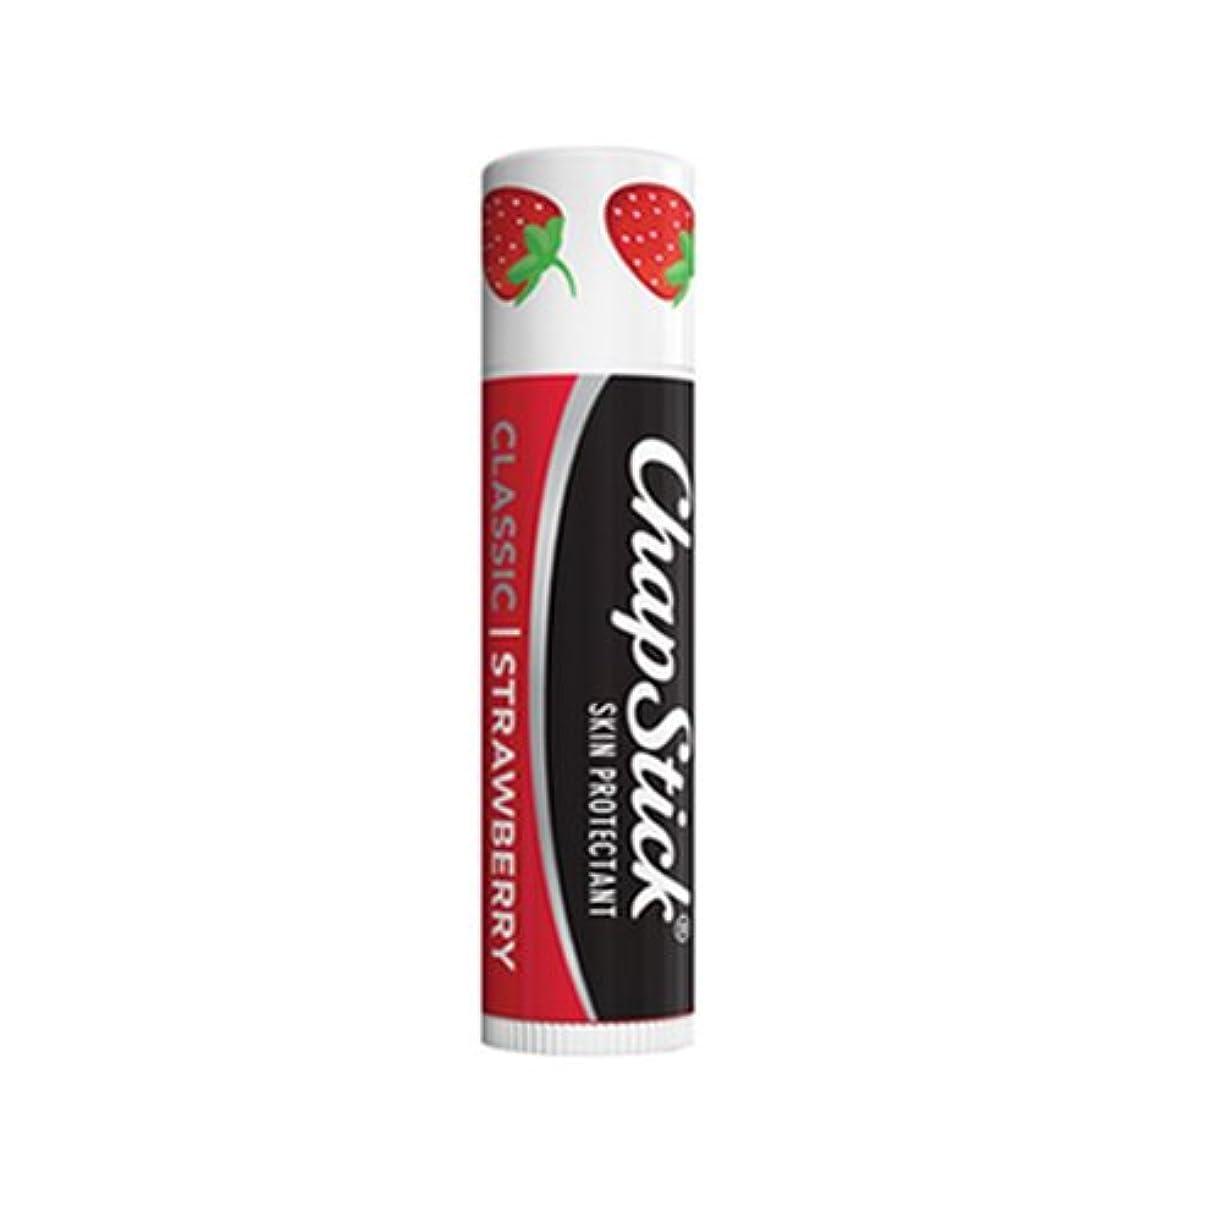 ベスト好色な振り向く(3 Pack) Chapstick Classic - Strawberry (並行輸入品)